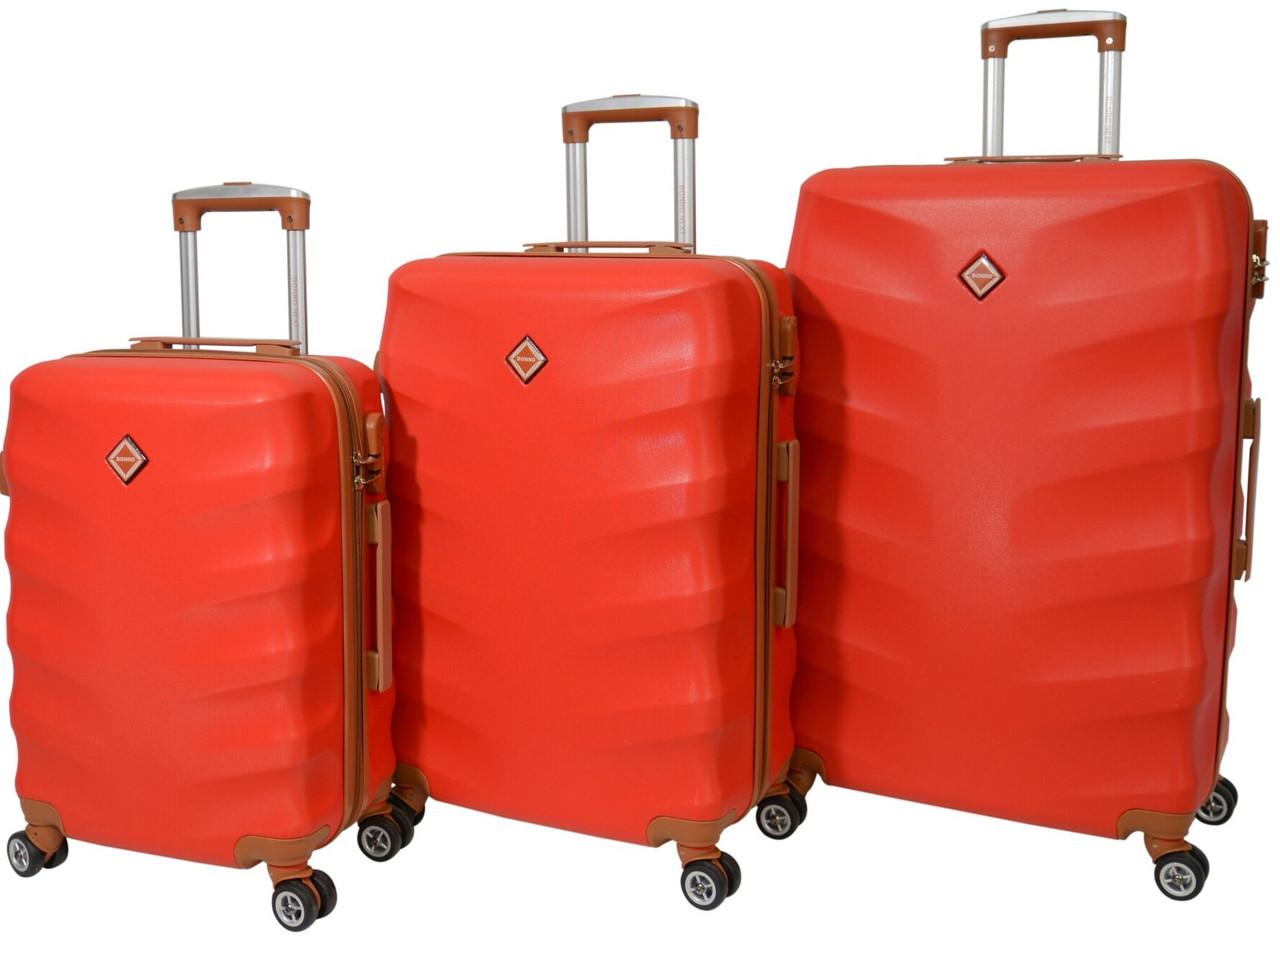 Чемодан Bonro Next набор 3 штуки. Цвет красный.